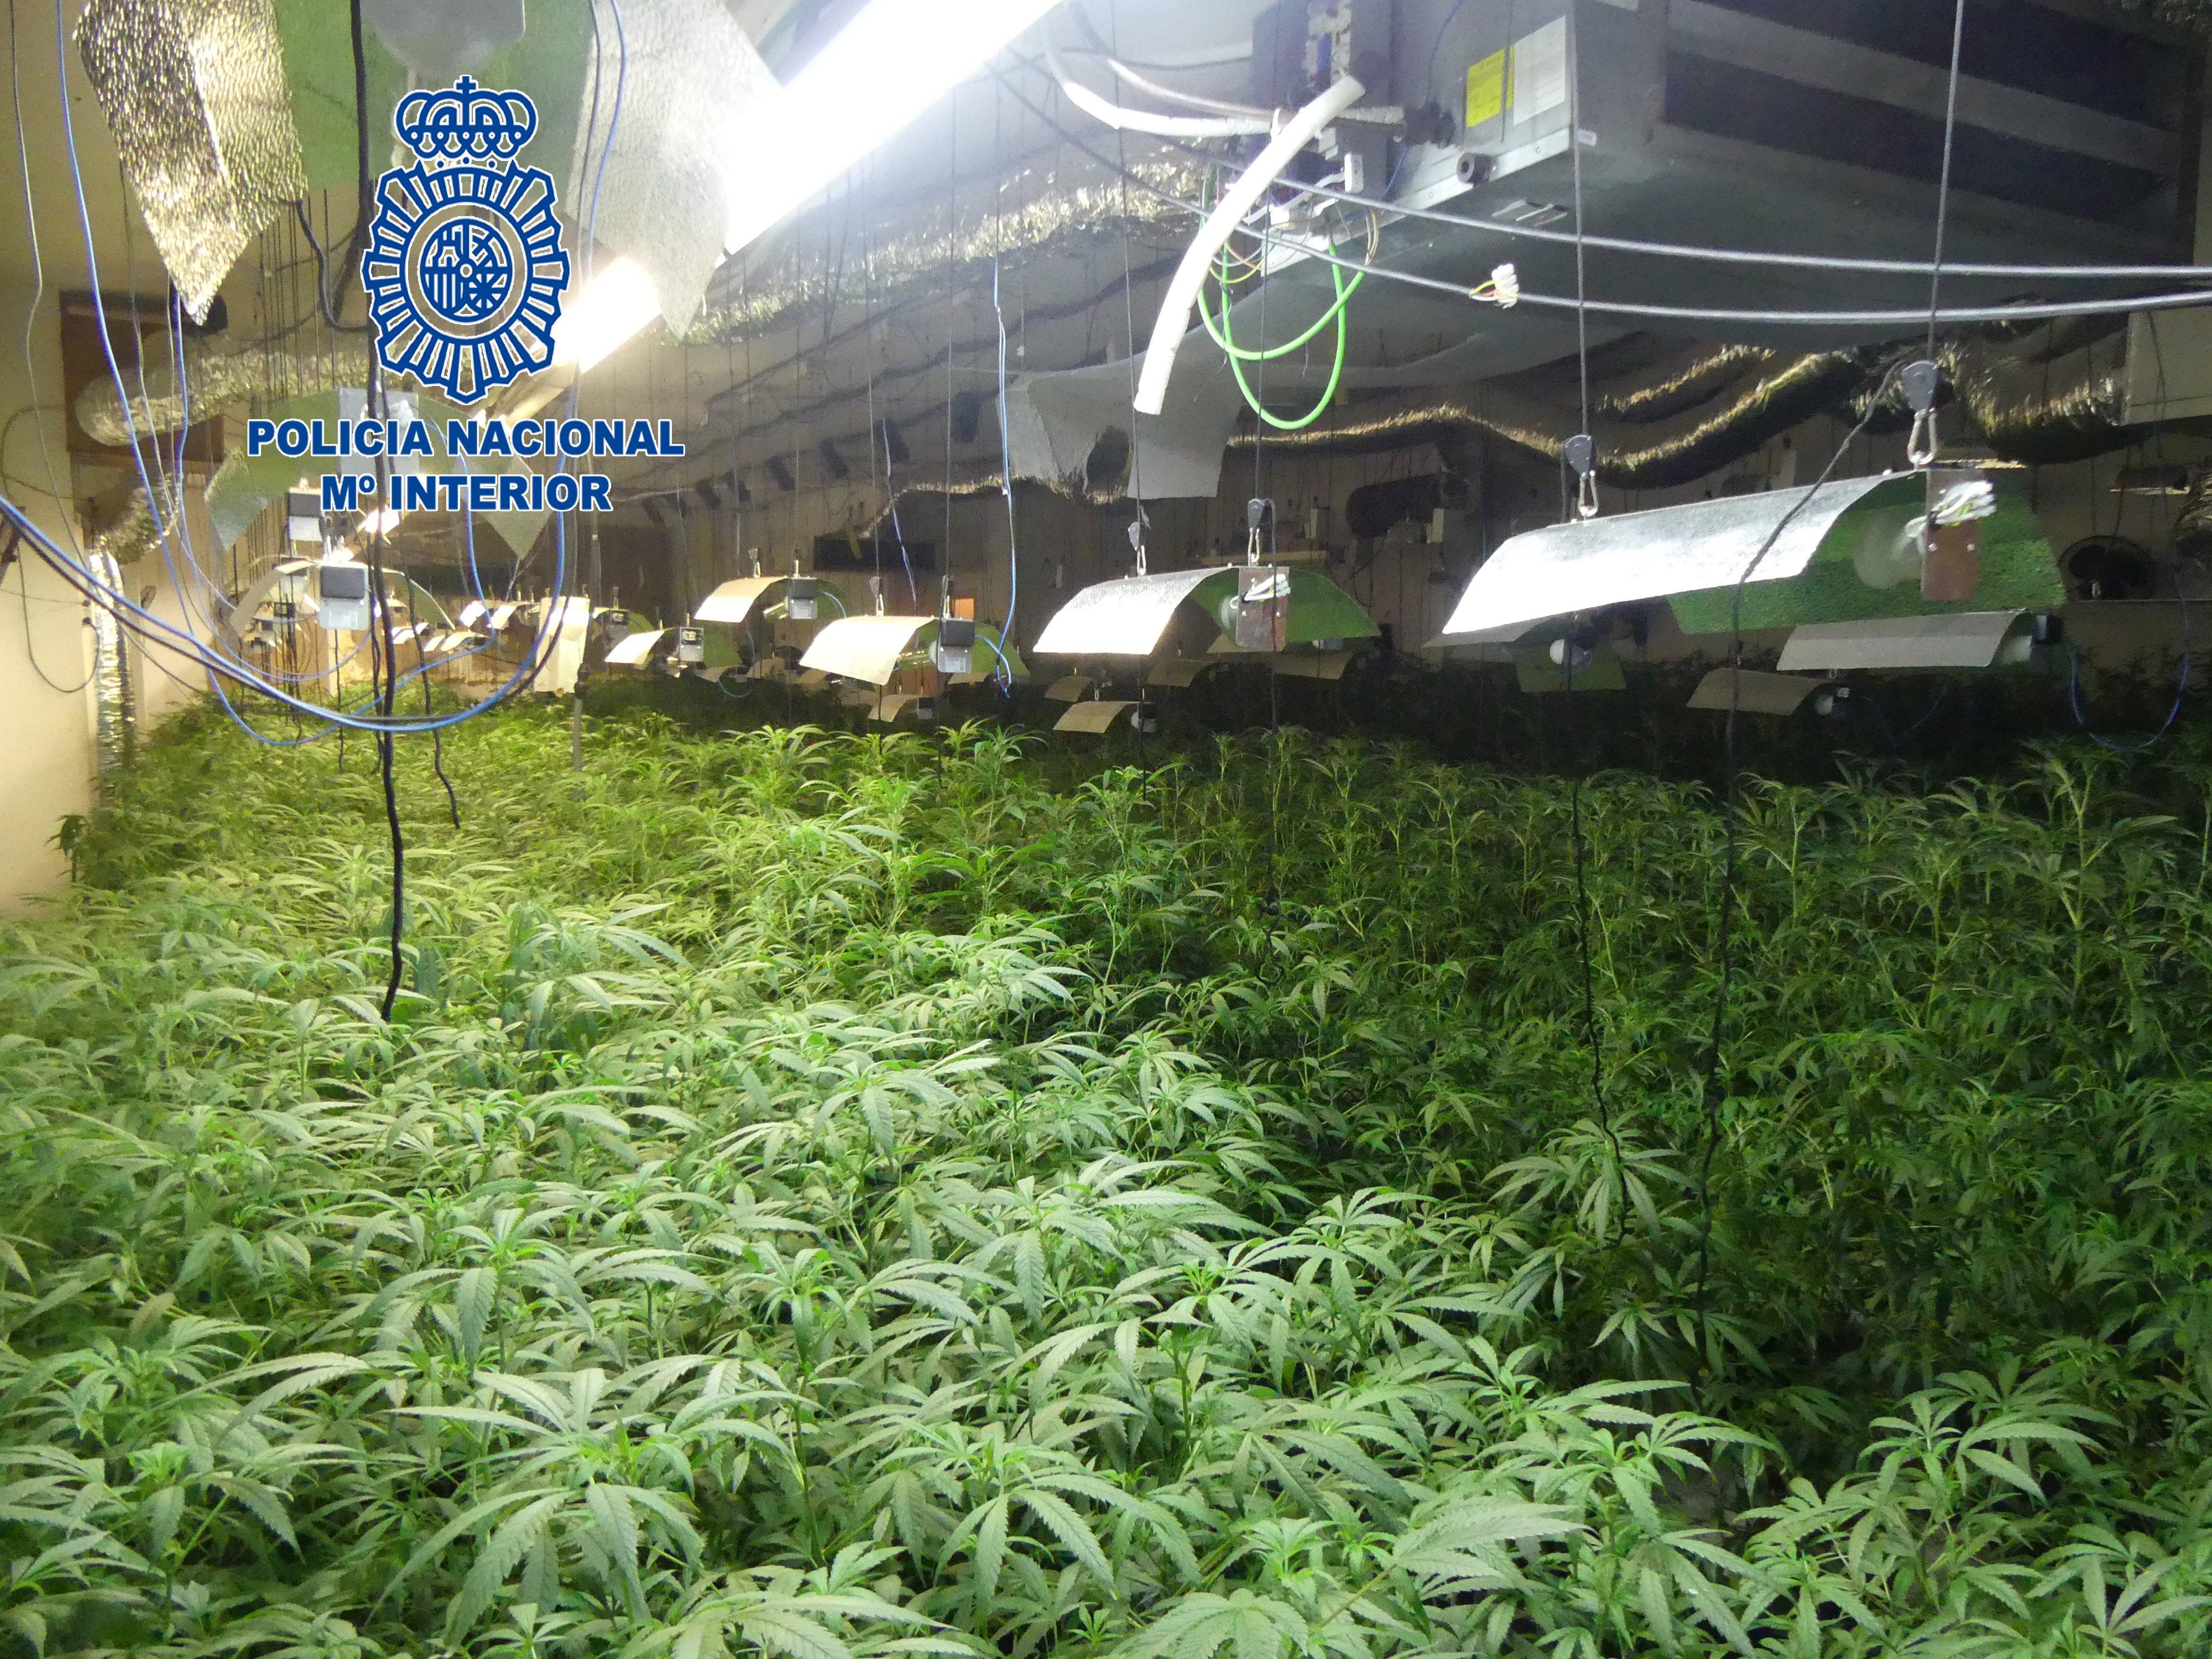 Plantació marihuana Mataró -ACN